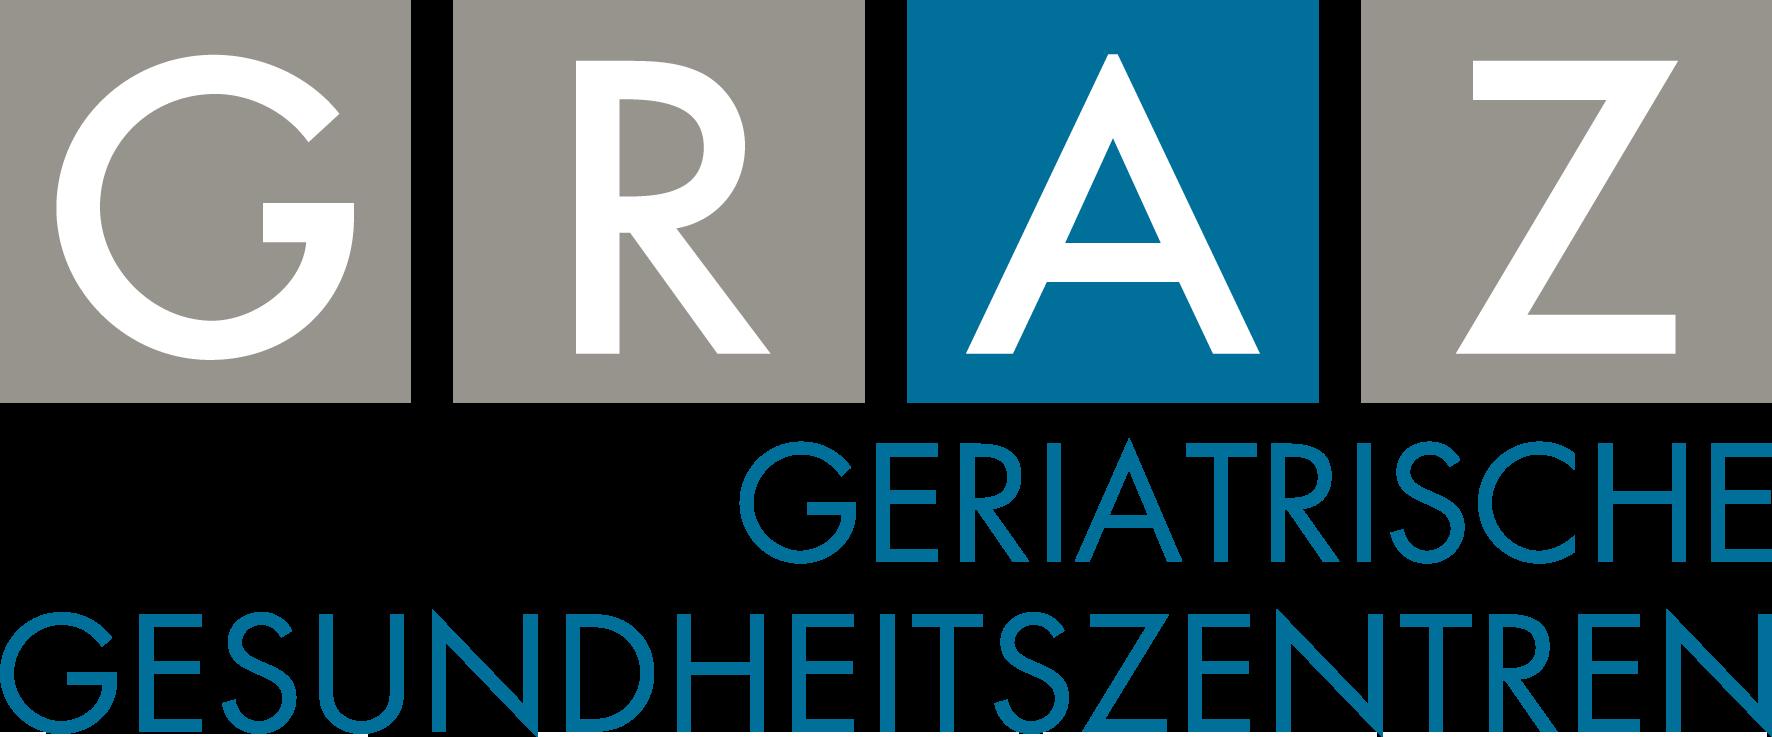 Geriatrischen Gesundheitszentren der Stadt Graz